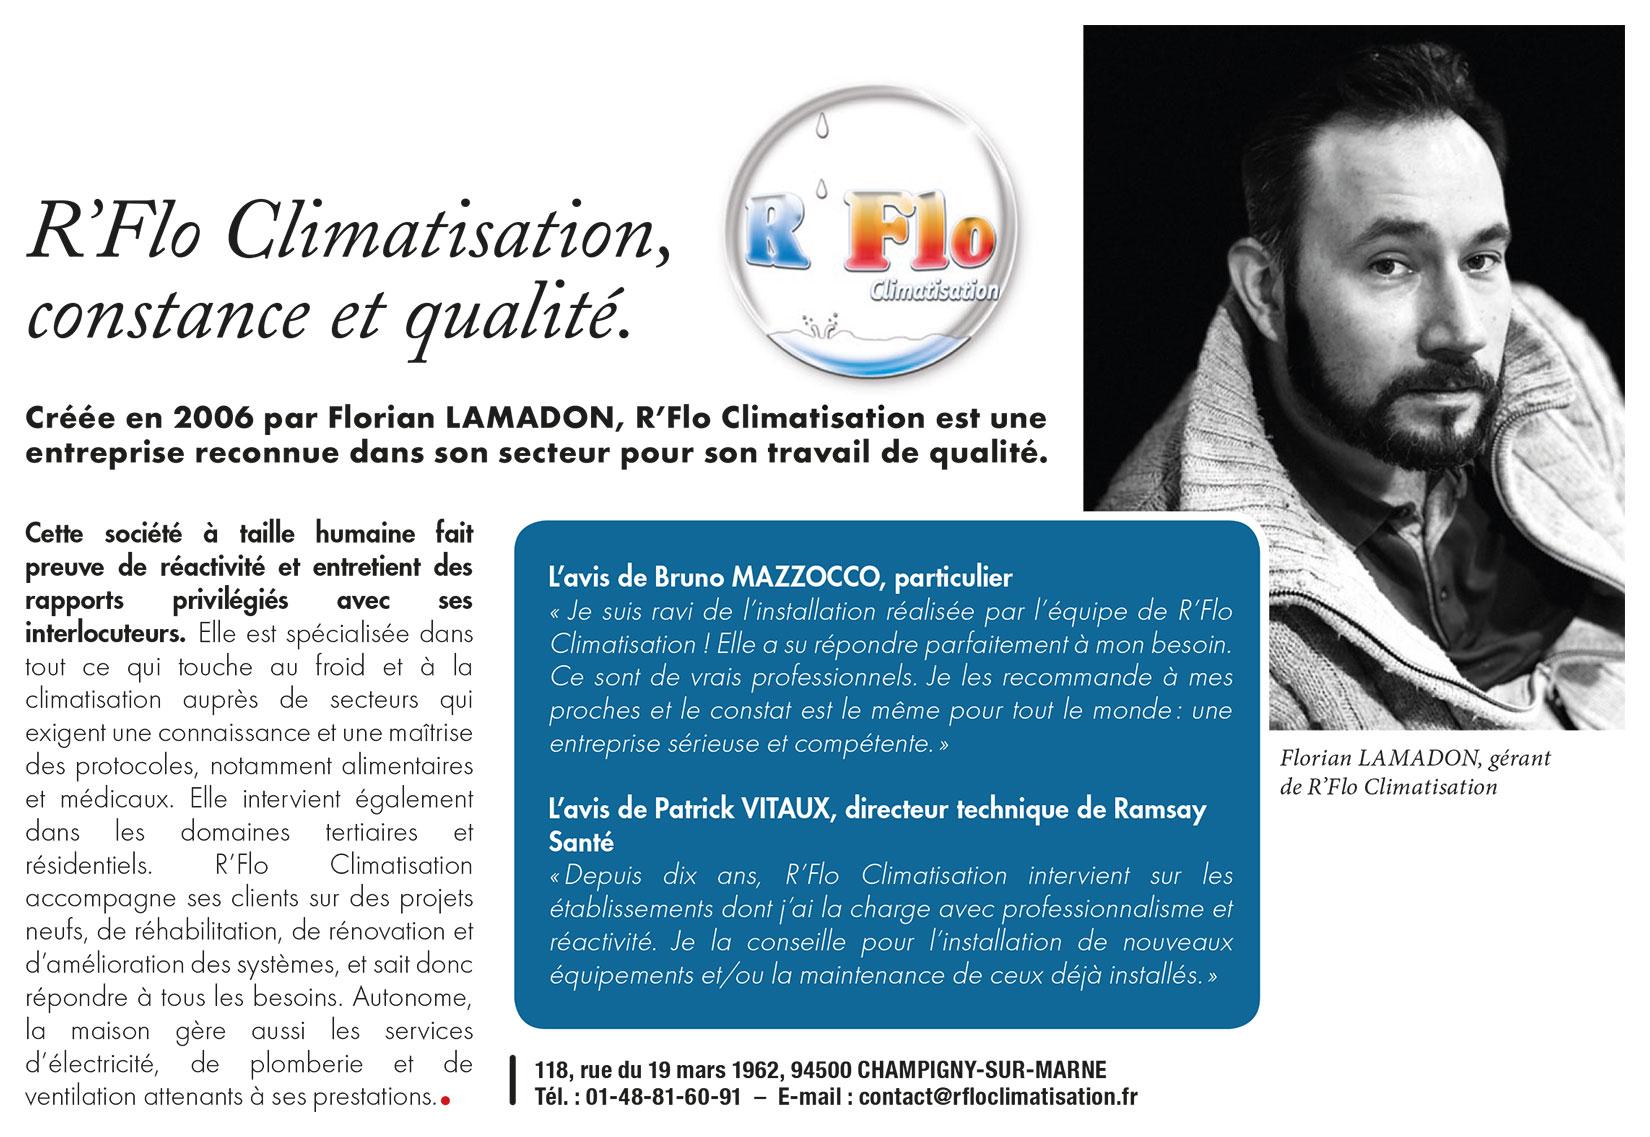 R'Flo Climatisation dans la presse